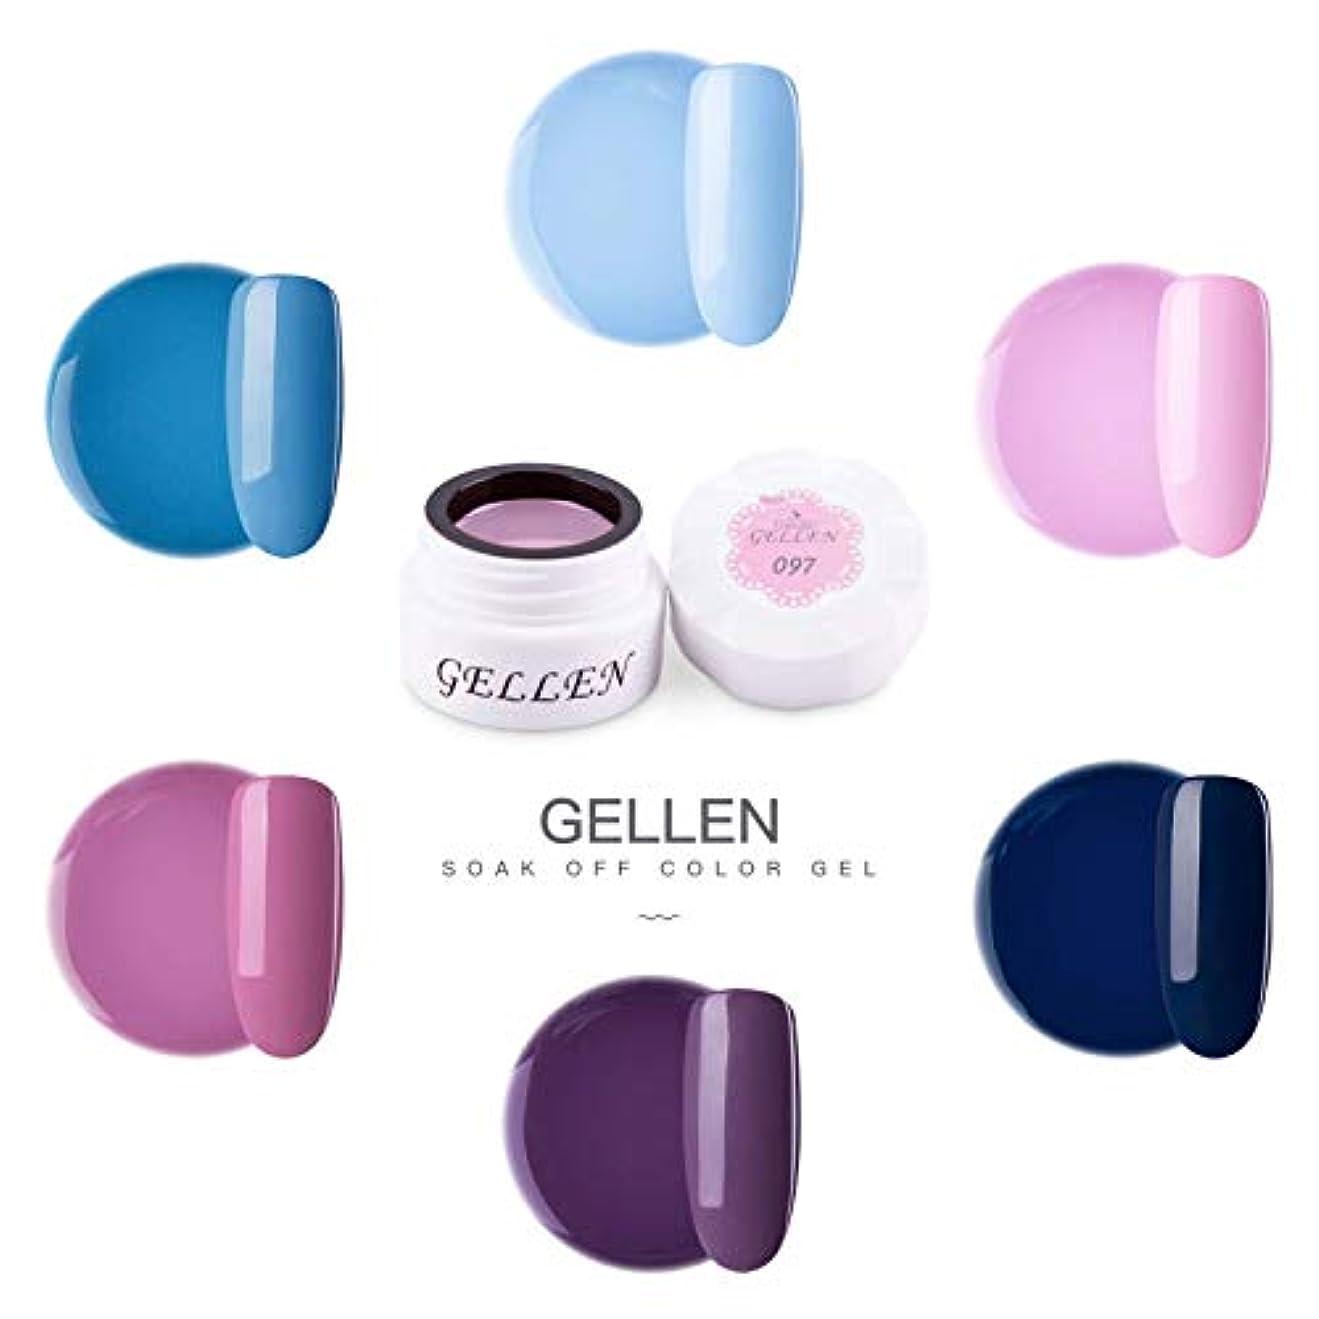 民間調査町Gellen カラージェル 6色 セット[パープル系]高品質 5g ジェルネイル カラー ネイルブラシ付き